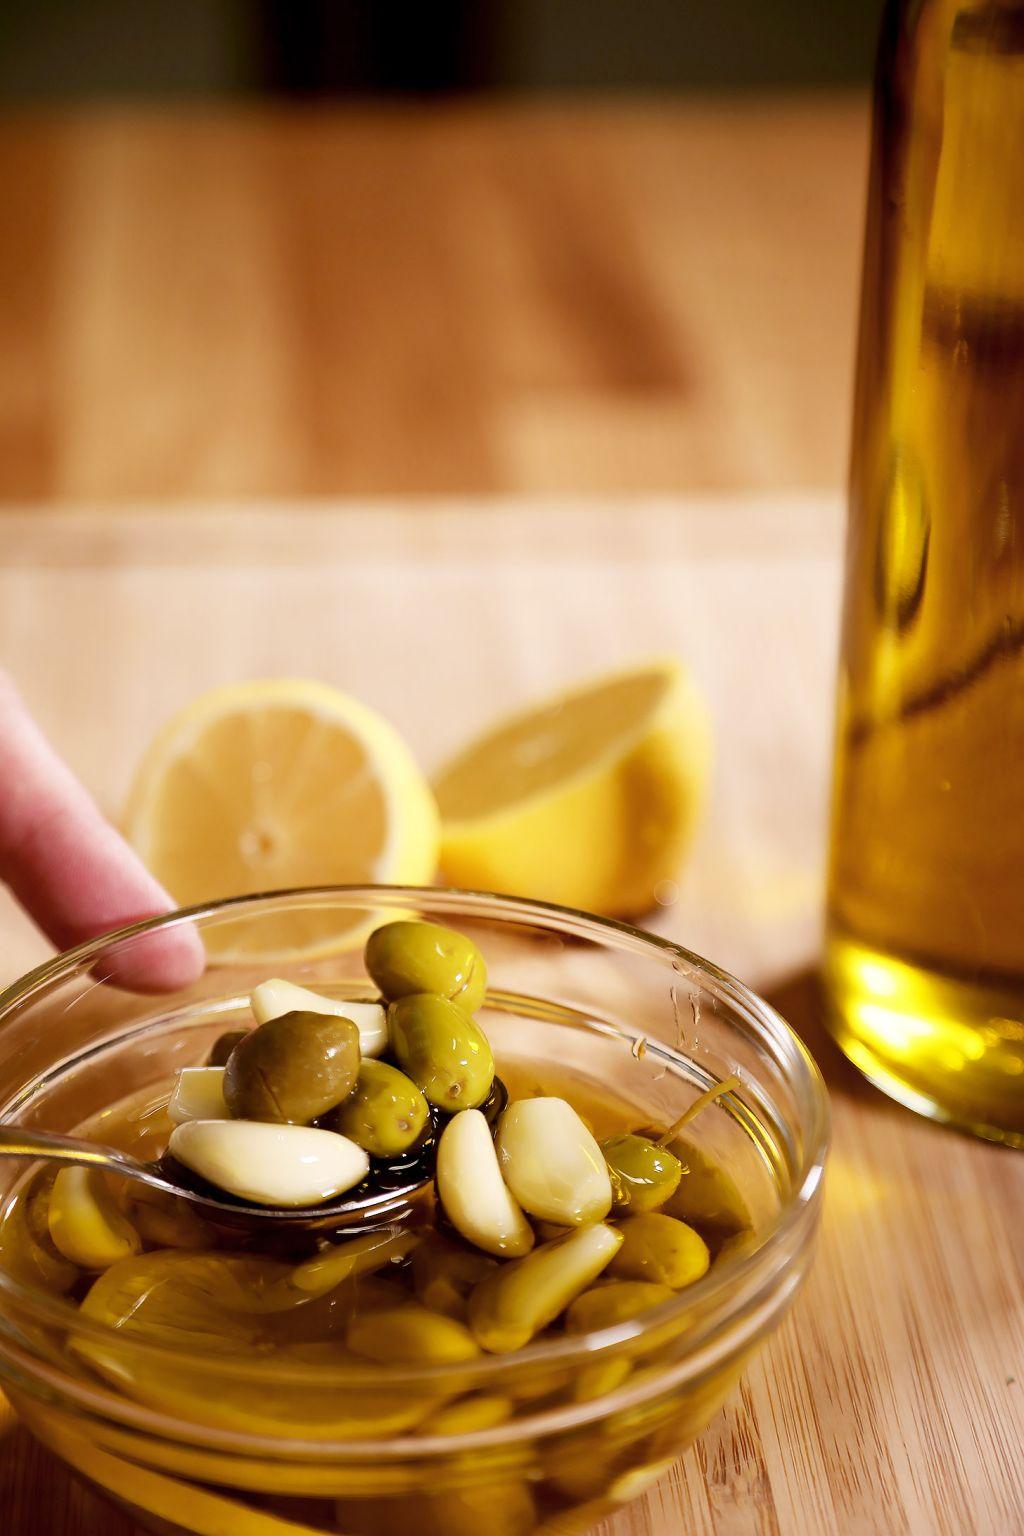 Best Olive Oil Brands